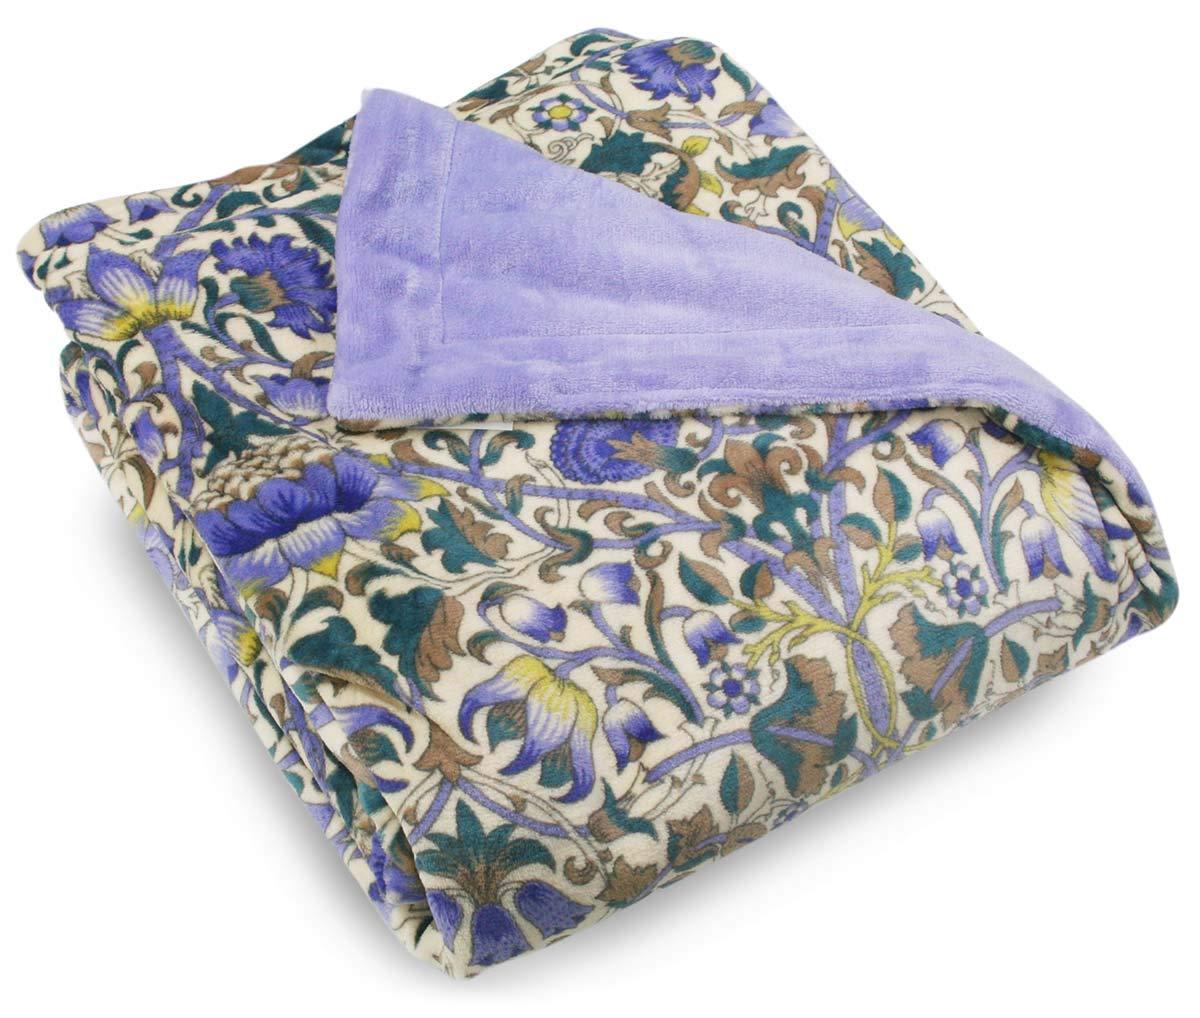 ロマンス小杉(Romance Kosugi) 毛布 〔V&A〕マイヤー合わせ毛布(ブルー) 140×200cm 1-2832-8500-8700